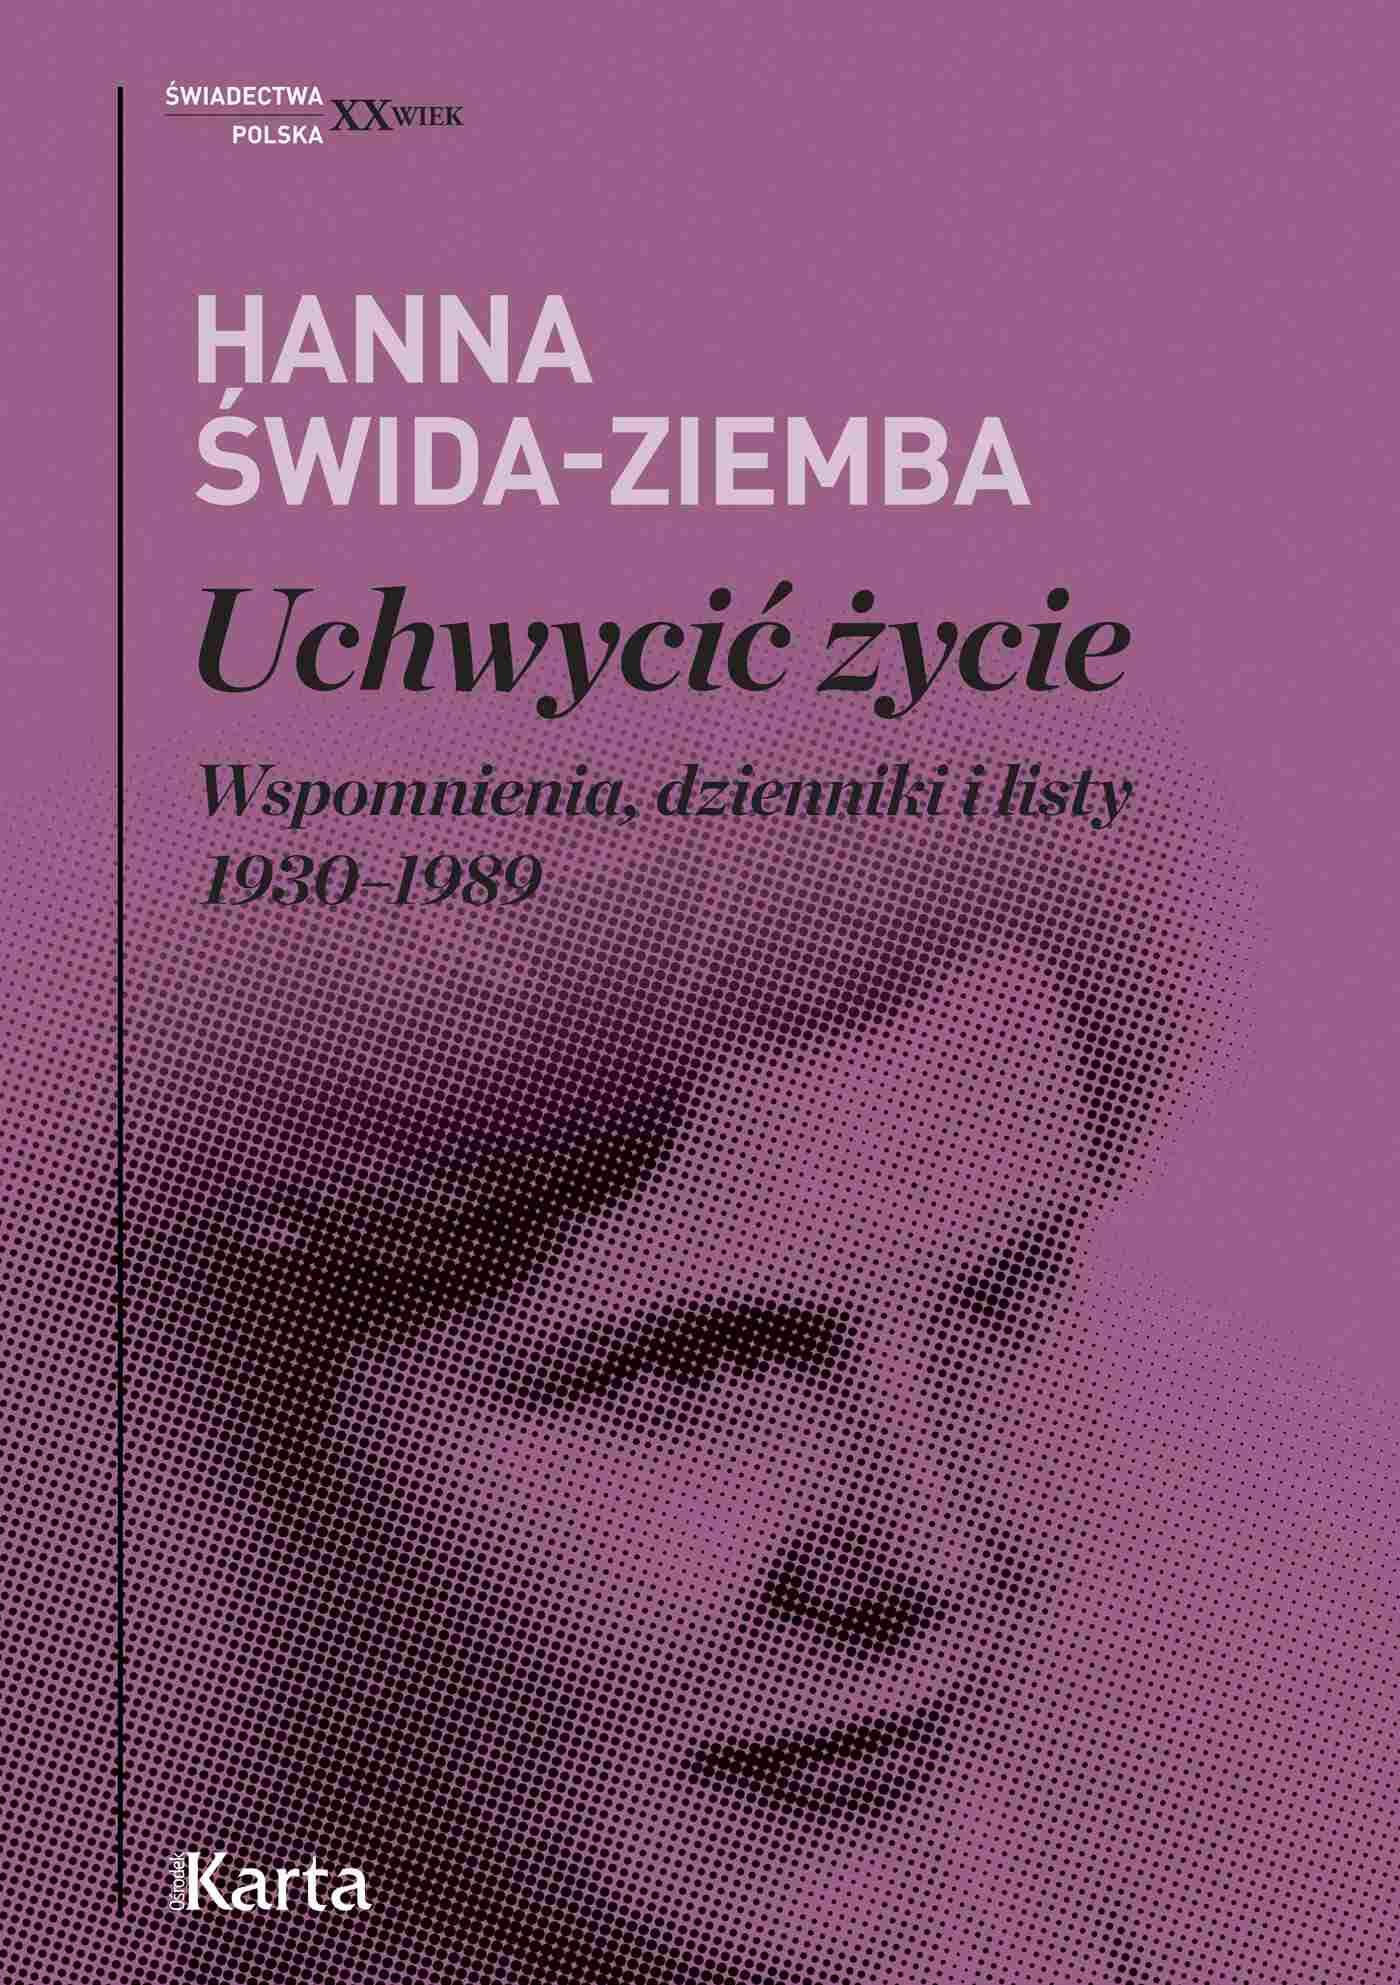 Uchwycić życie. Wspomnienia, dzienniki i listy 1930–1989 - Ebook (Książka EPUB) do pobrania w formacie EPUB